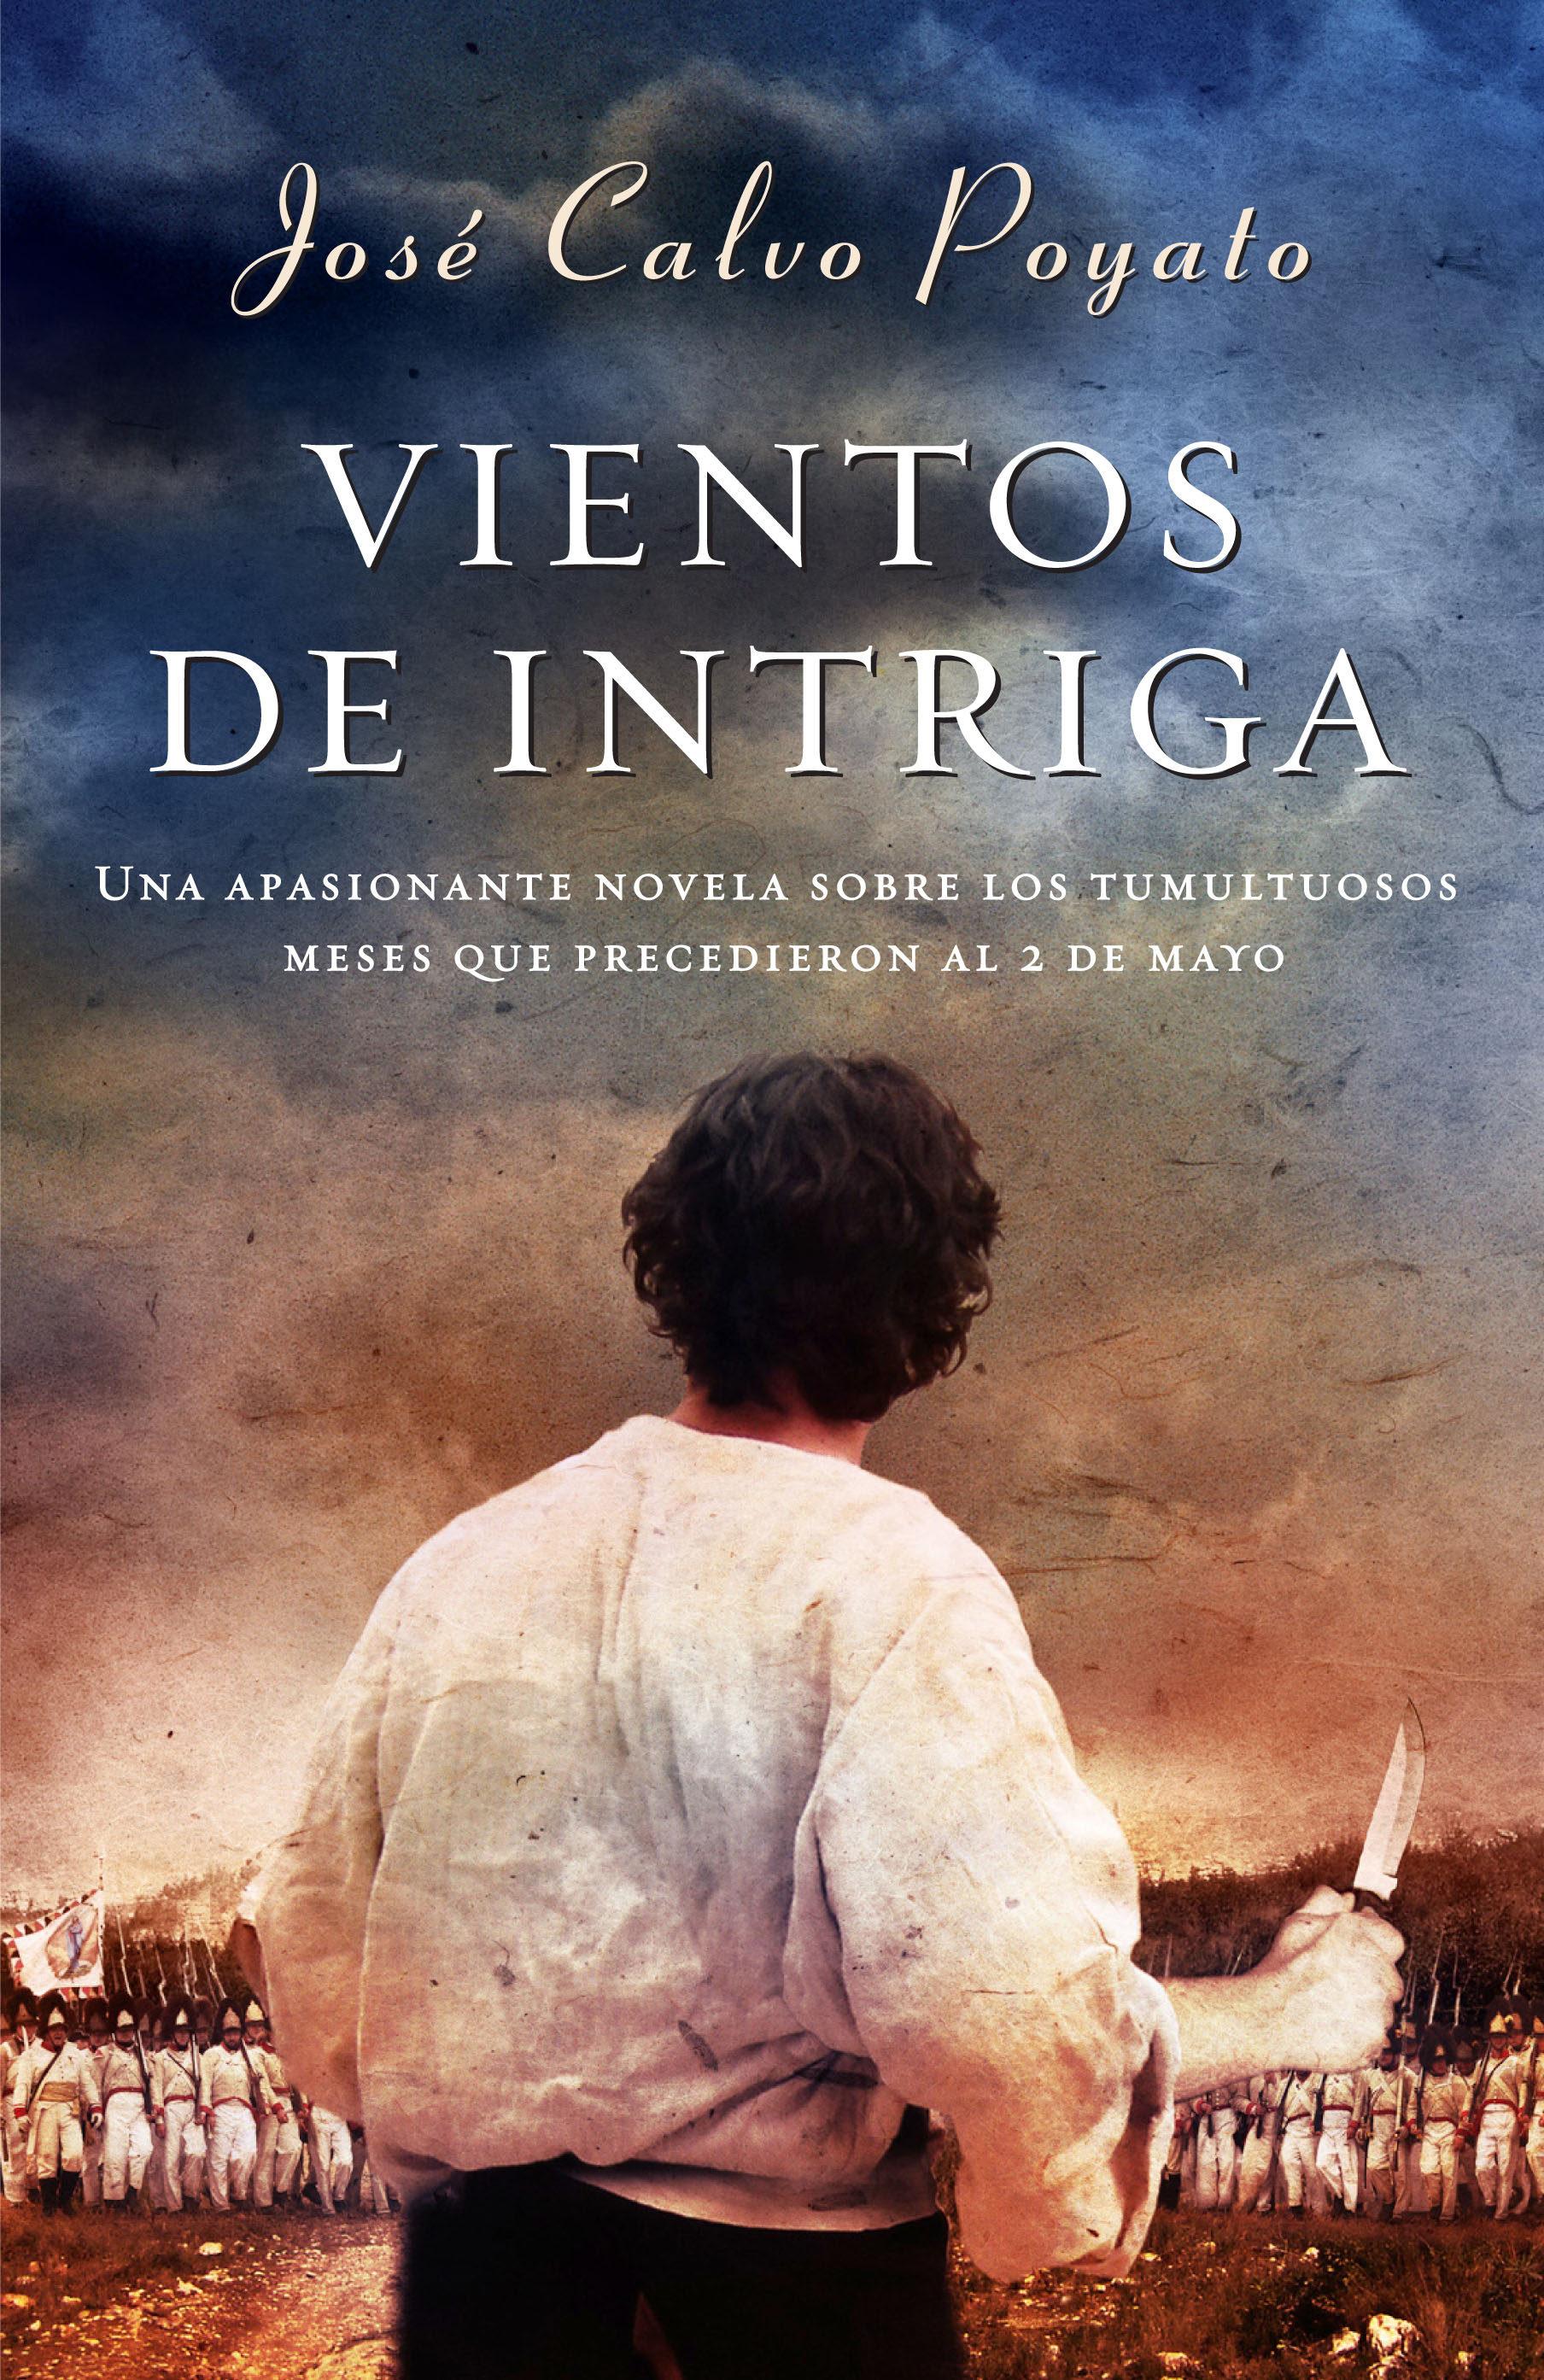 Vientos de intriga: Una apasionante novela sobre los tumultuosos meses que precedieron al 2 de mayo